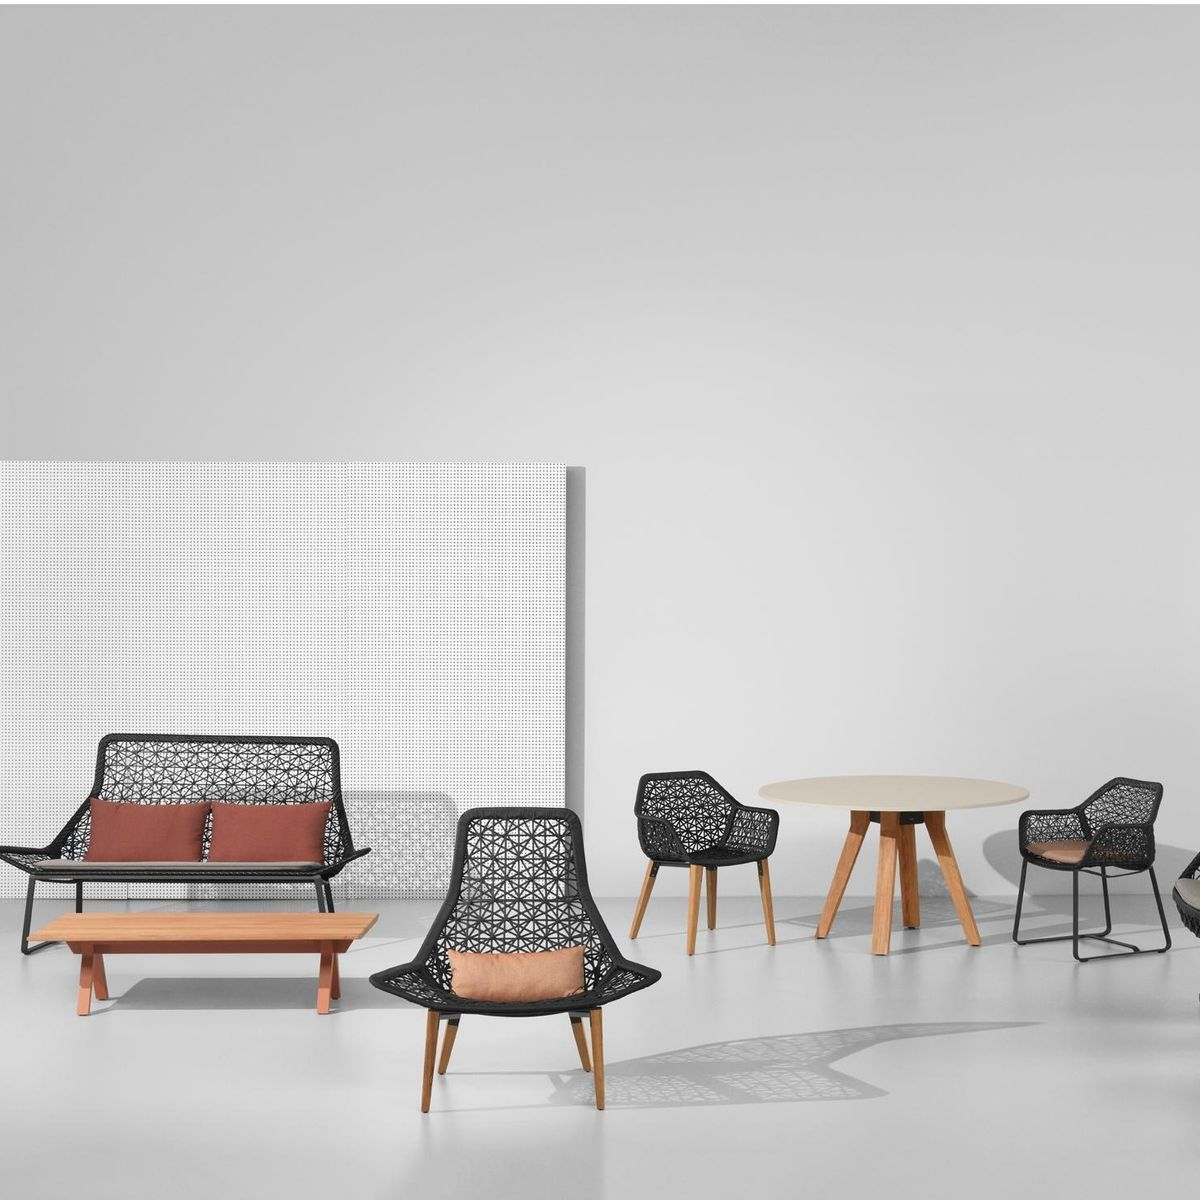 Kettal - Maia - Chaise avec accoud./ chaise de jardin | Design ...